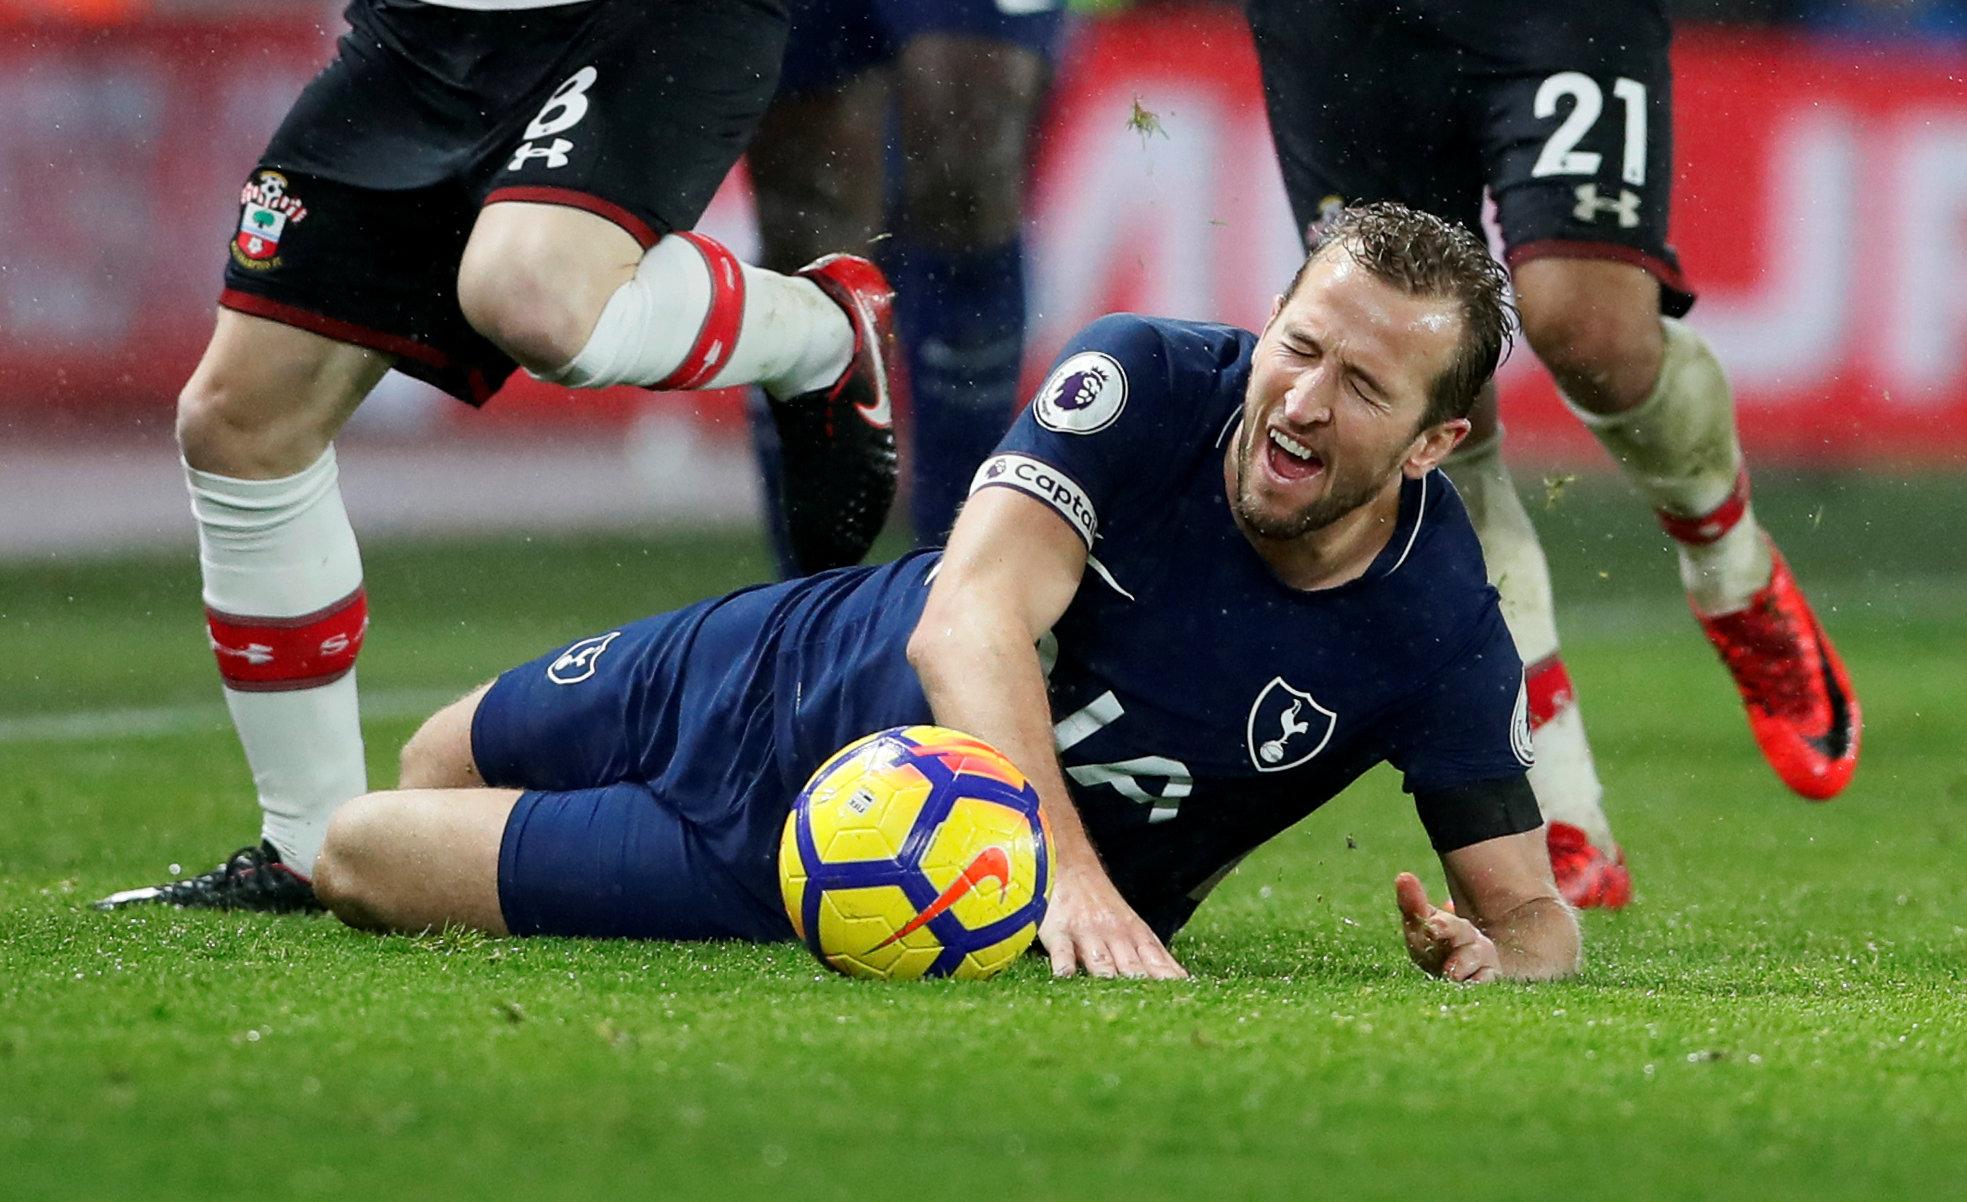 Bàn thắng của Kane là không đủ giúp Tottenham vượt qua Southampton. Ảnh: REUTERS